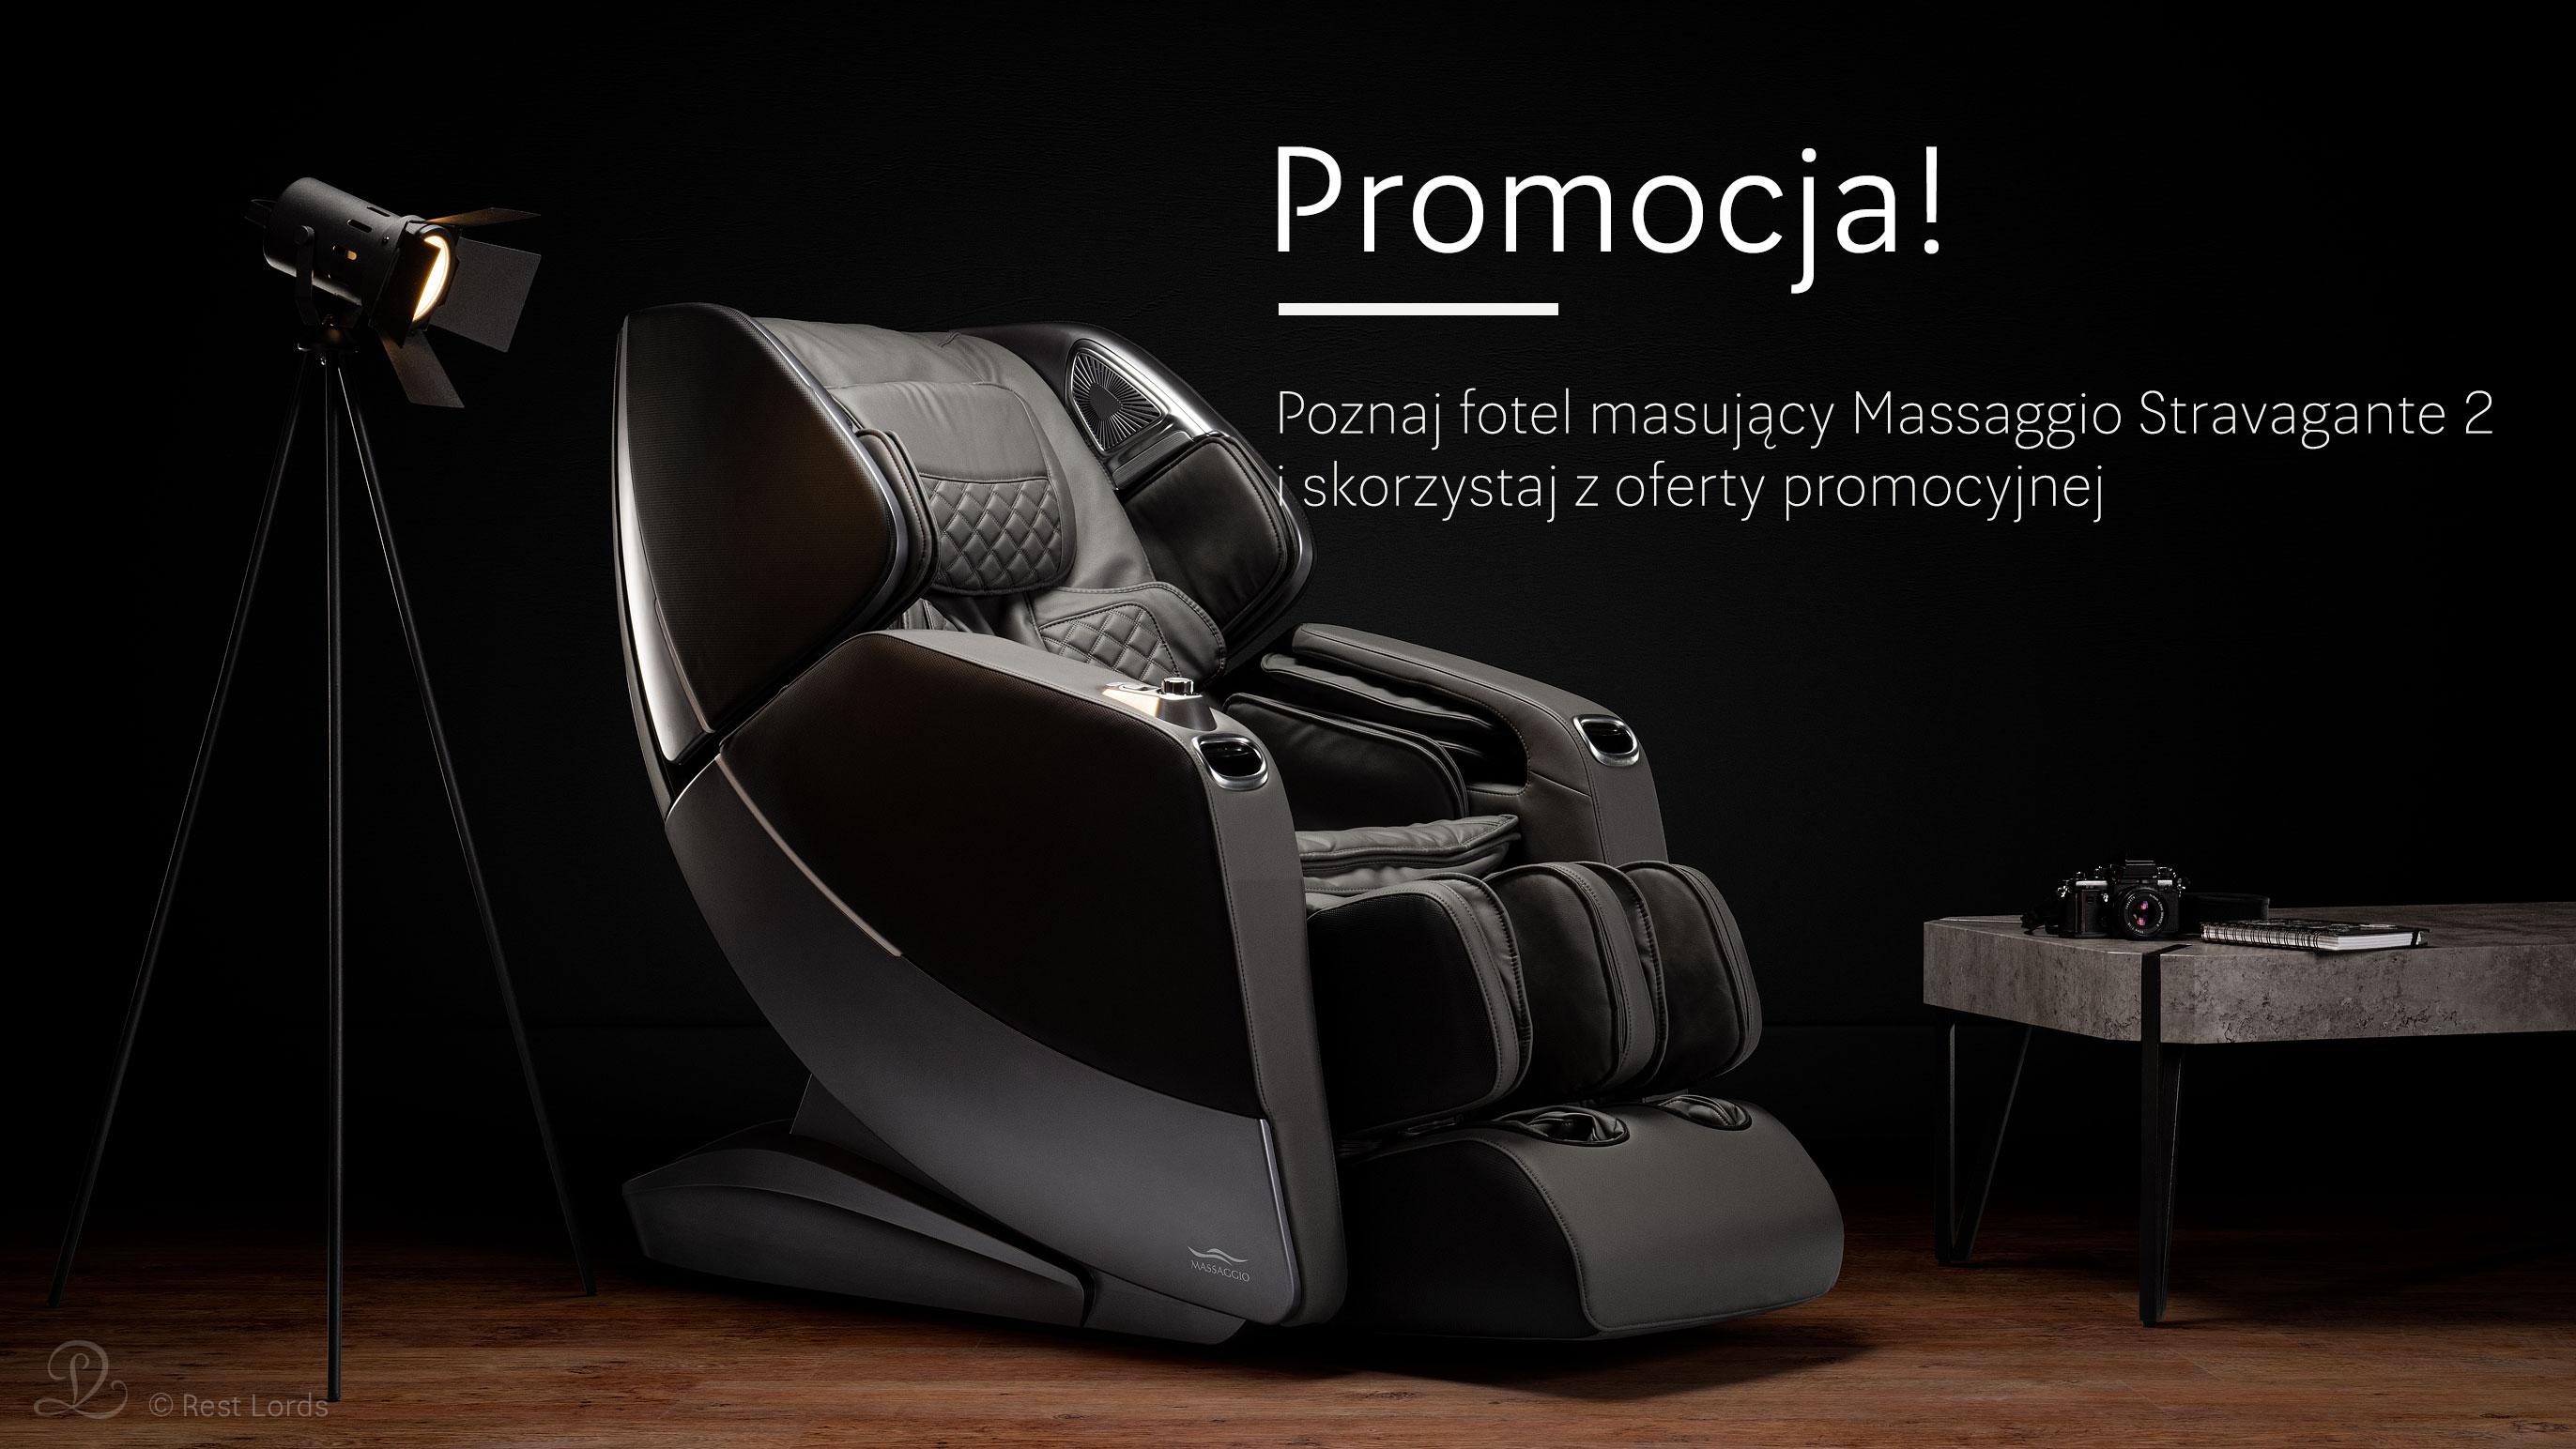 Fotel masujący Massaggio Stravagante 2 promocja wyprzedaż